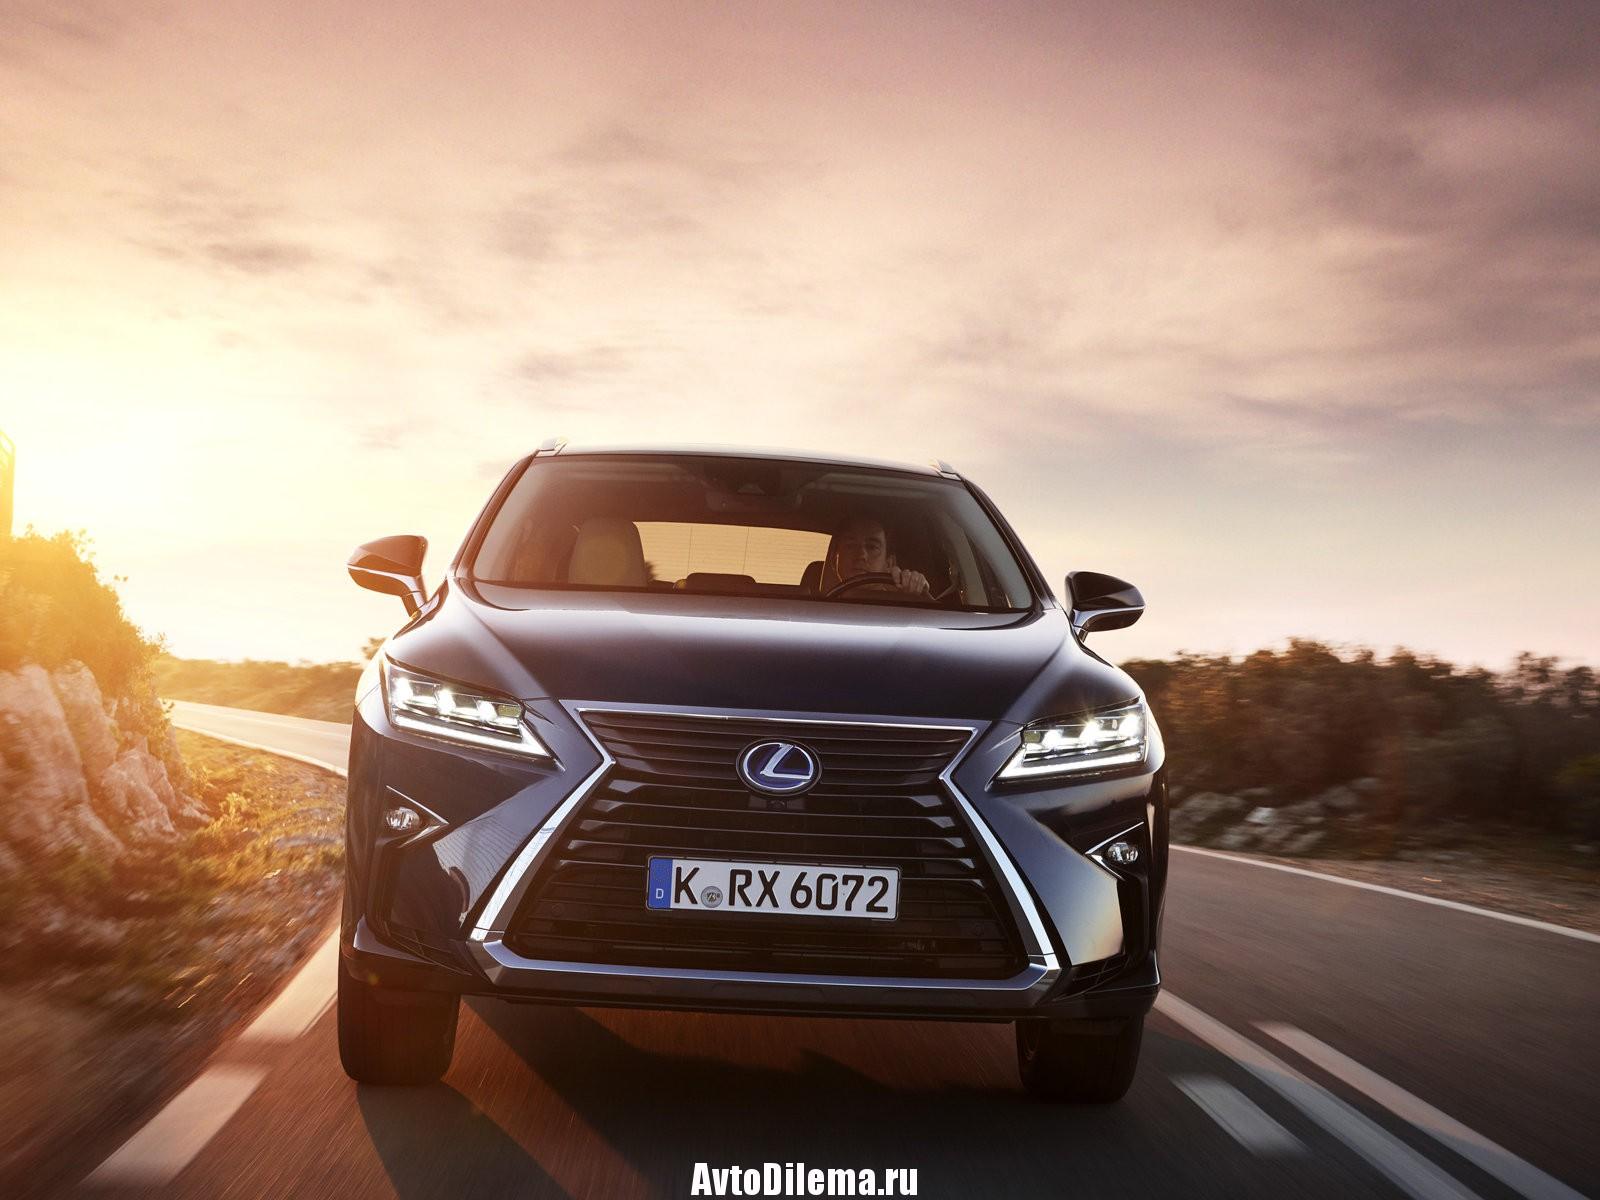 Рассмотрим Lexus RX 2016 года